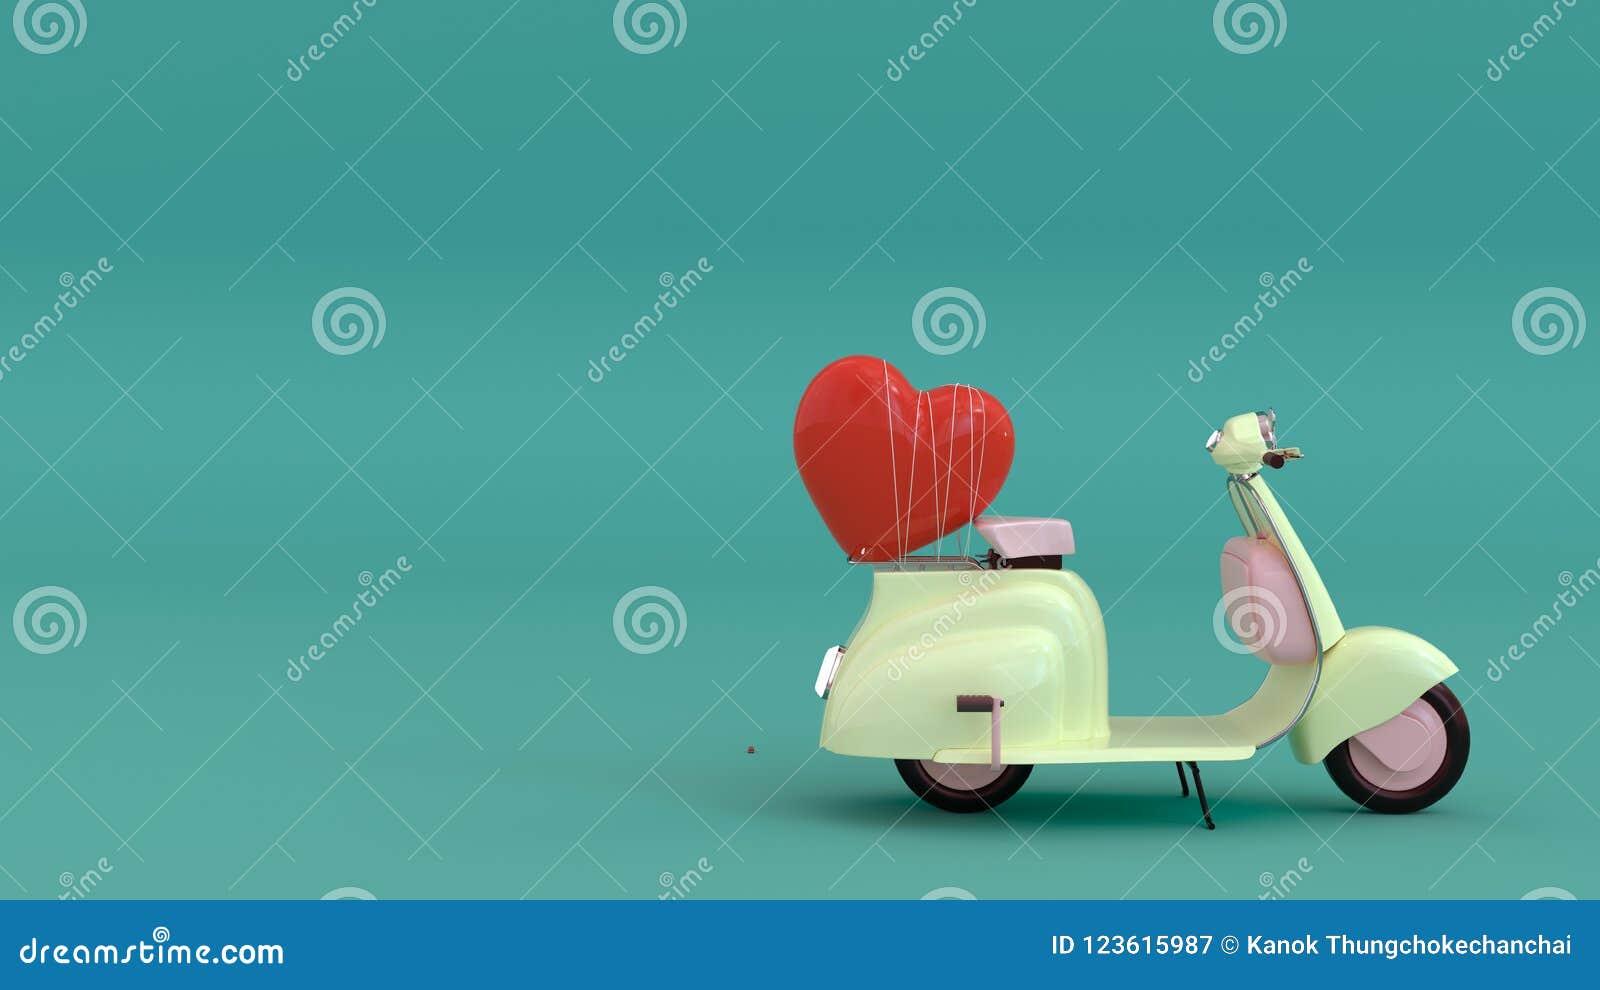 Klassisches Motorrad mit dem roten Herzen, gekommen mit Liebe, Fall in Liebe, Illustration 3d, lieben Sie von ganzem Herzen